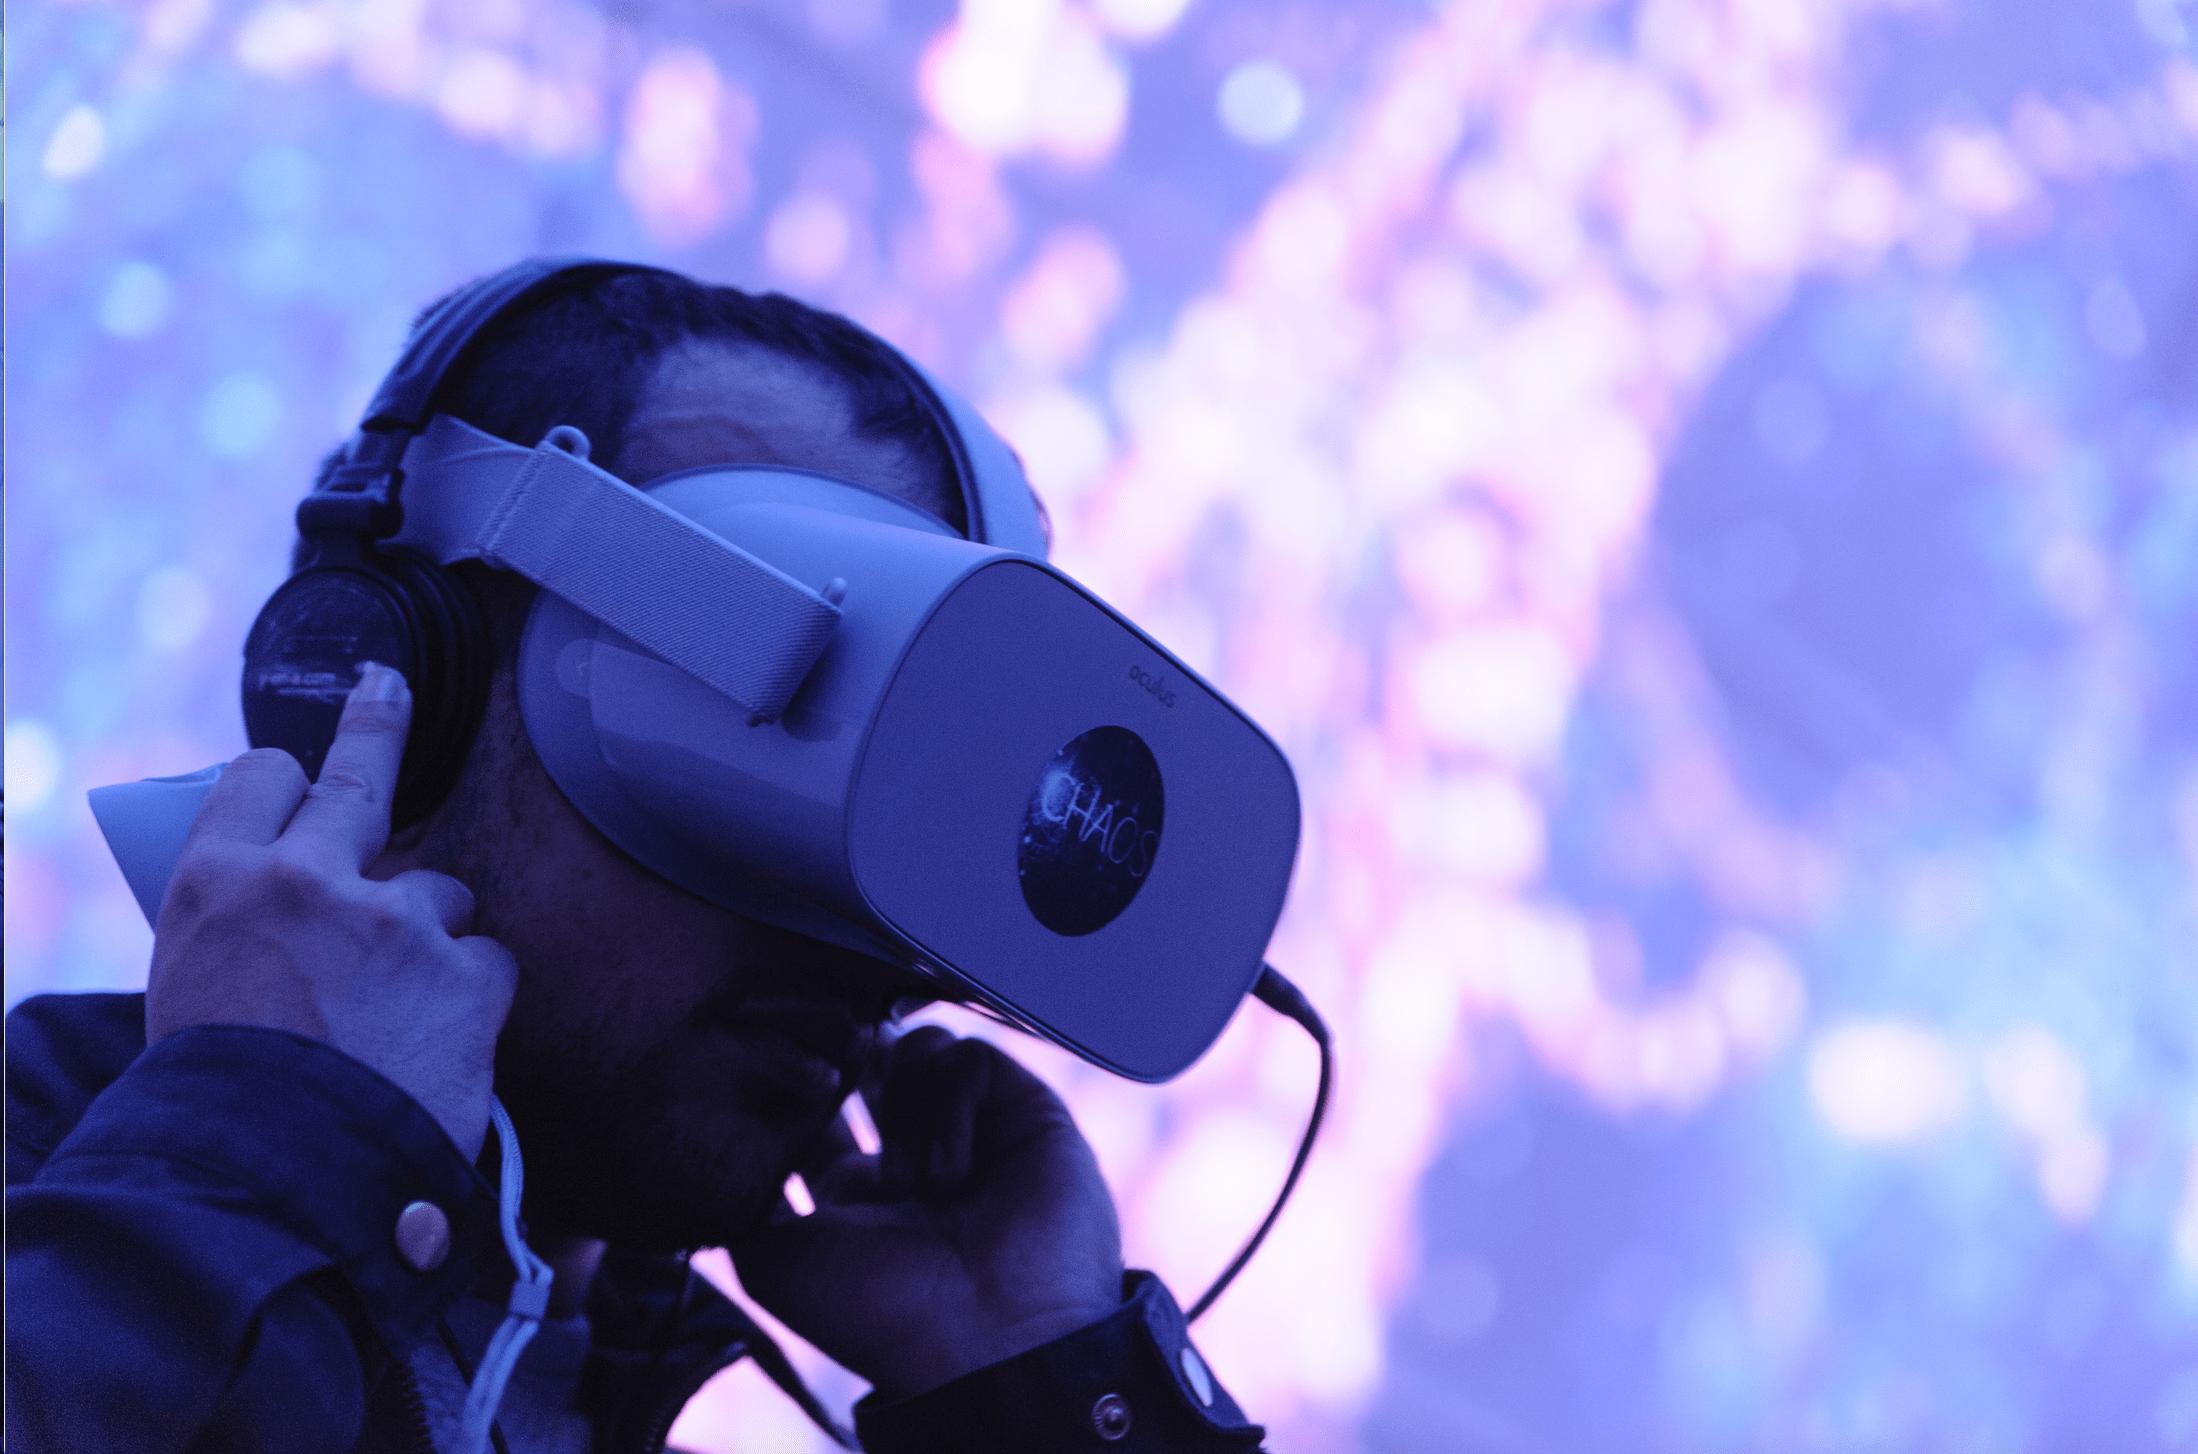 expérience immersive dans un dôme géodésique de 100 m2